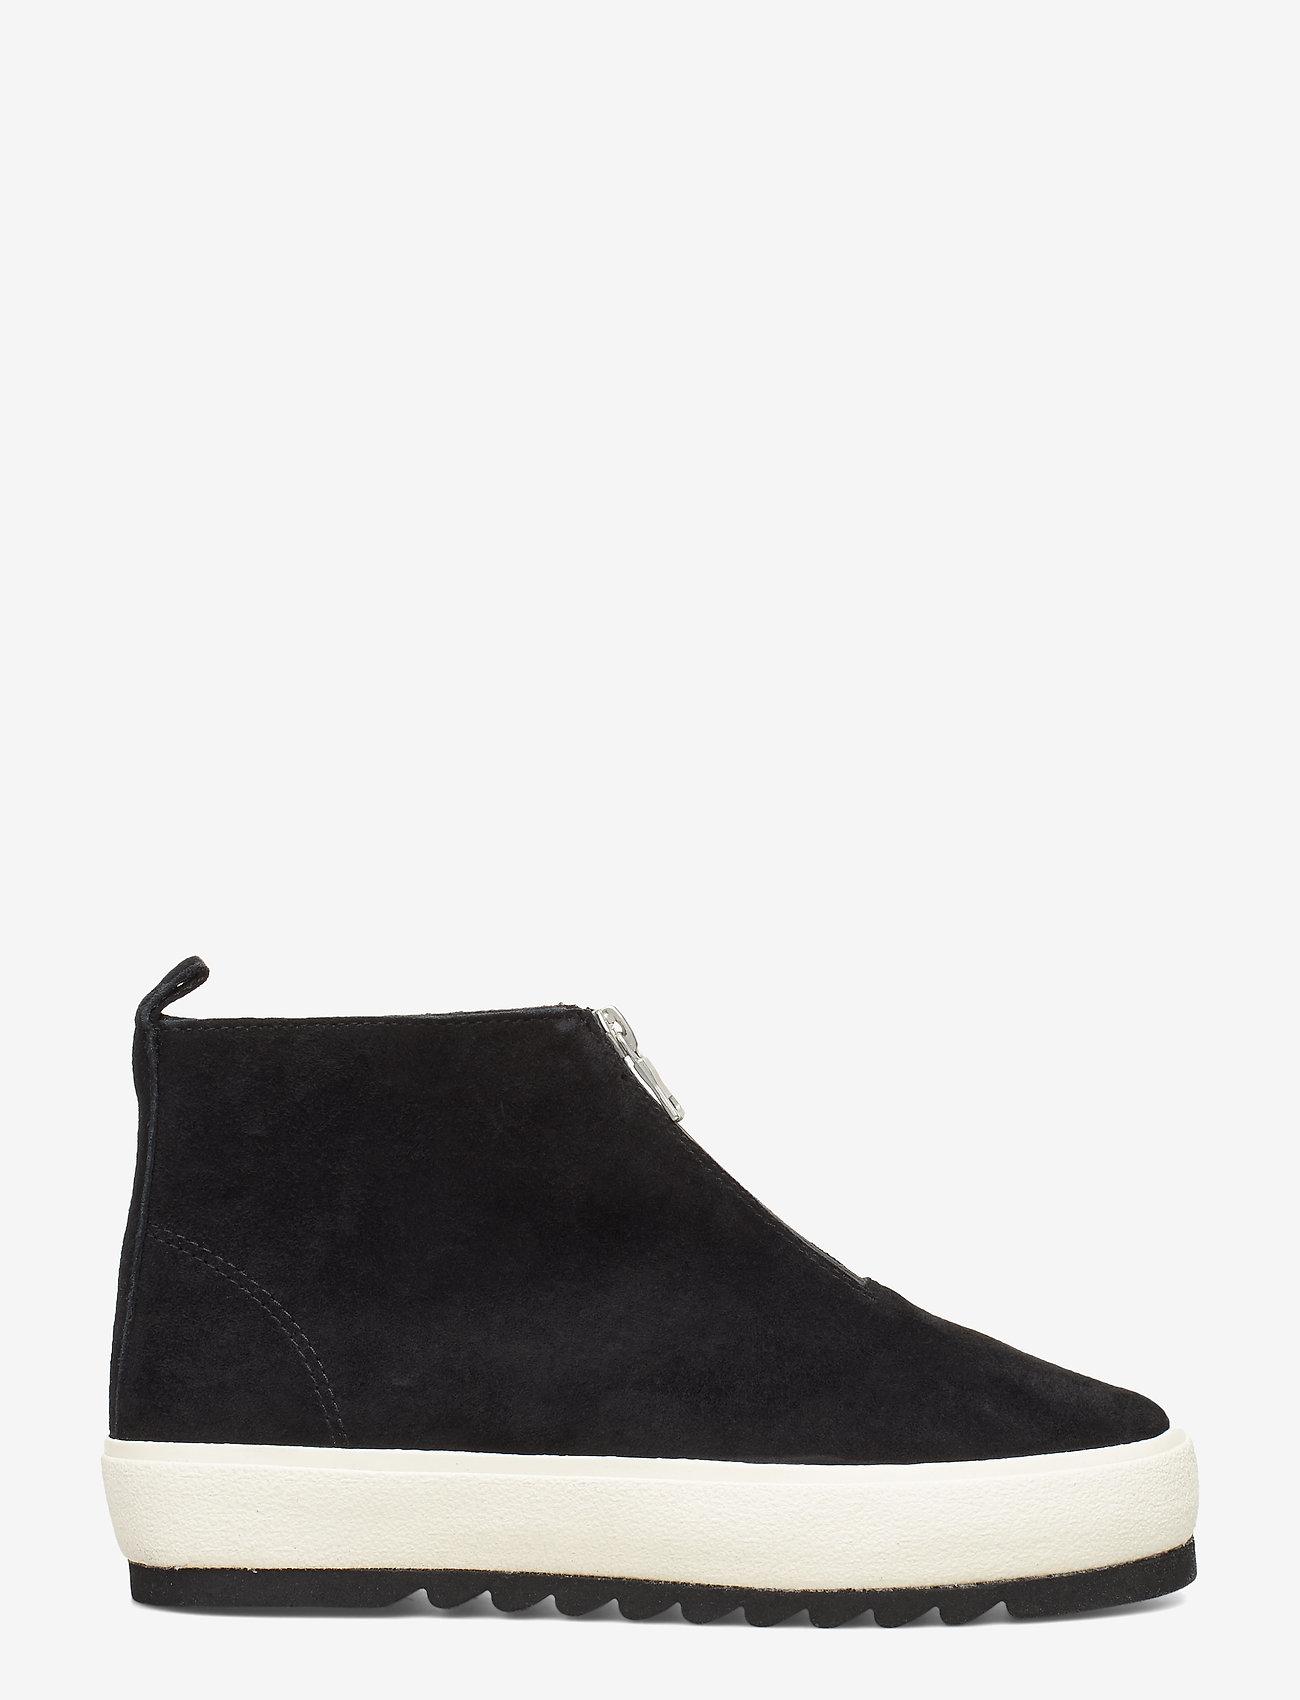 Carmel 24a (Black) (69.98 €) - Marc O'Polo Footwear FJpwTZvi